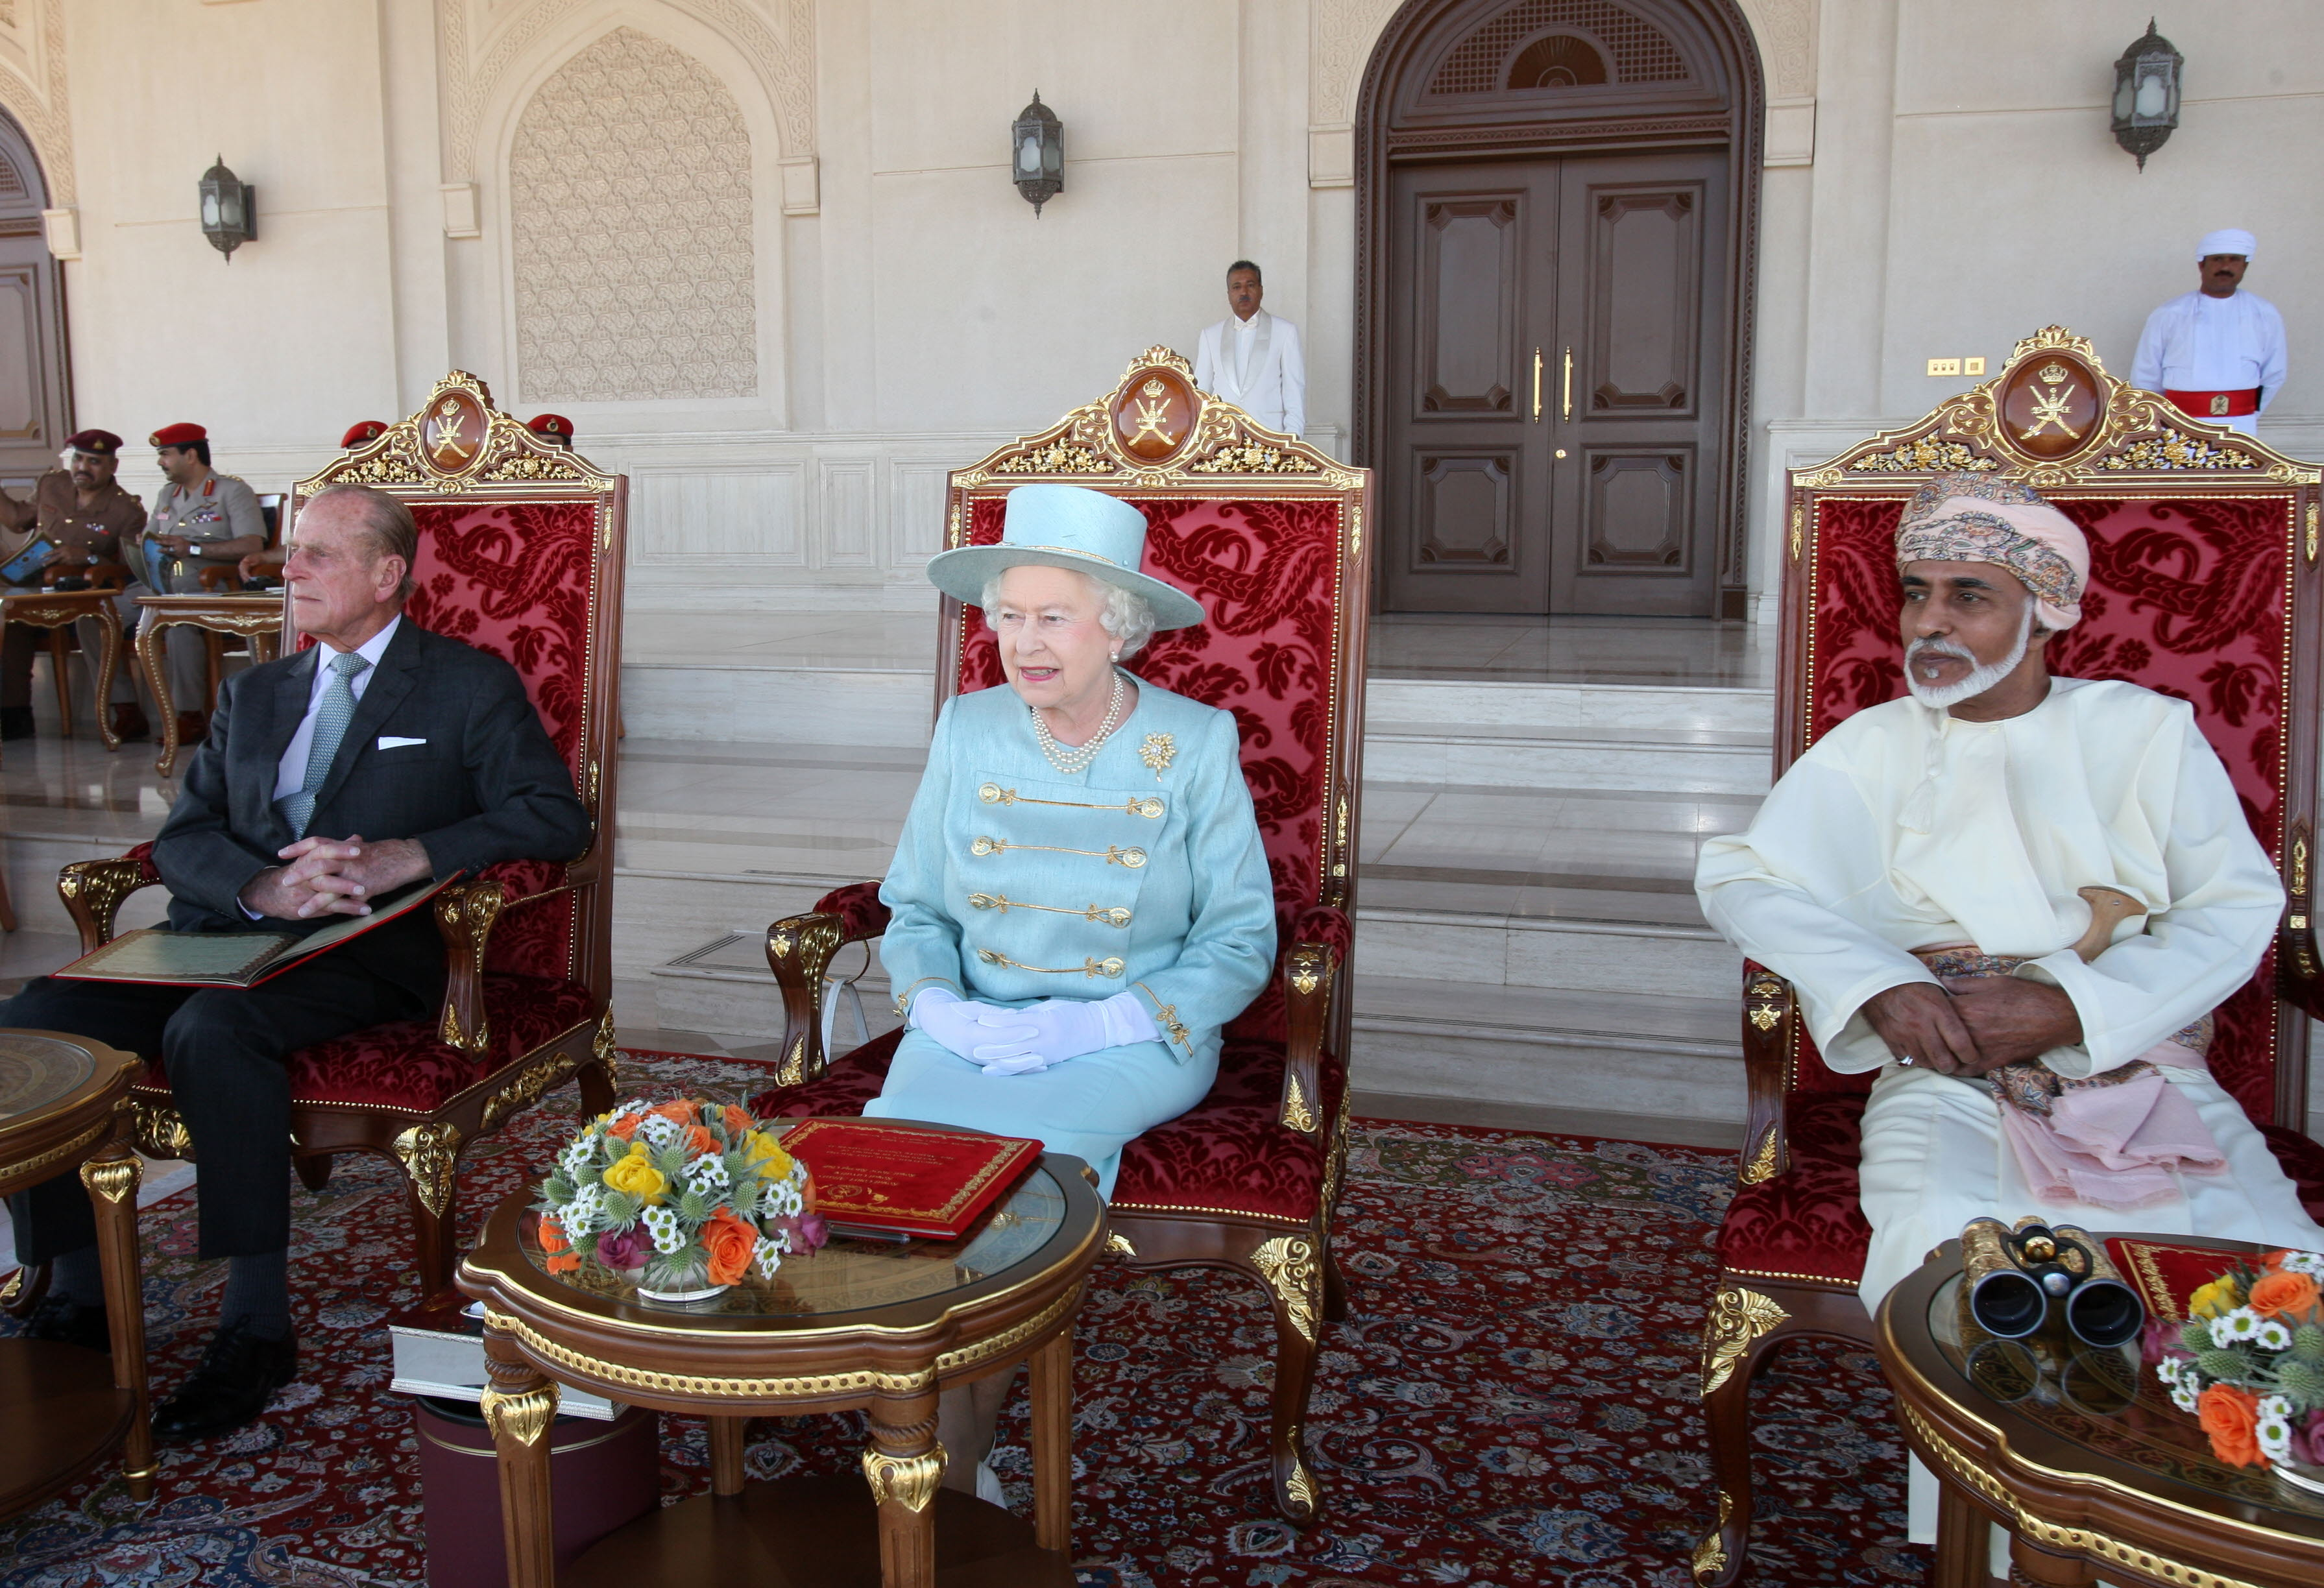 الملكة إليزابيث تحضر عرضا للفروسية إلى جانب السلطان قابوس بن سعيد في عمان عام 2010